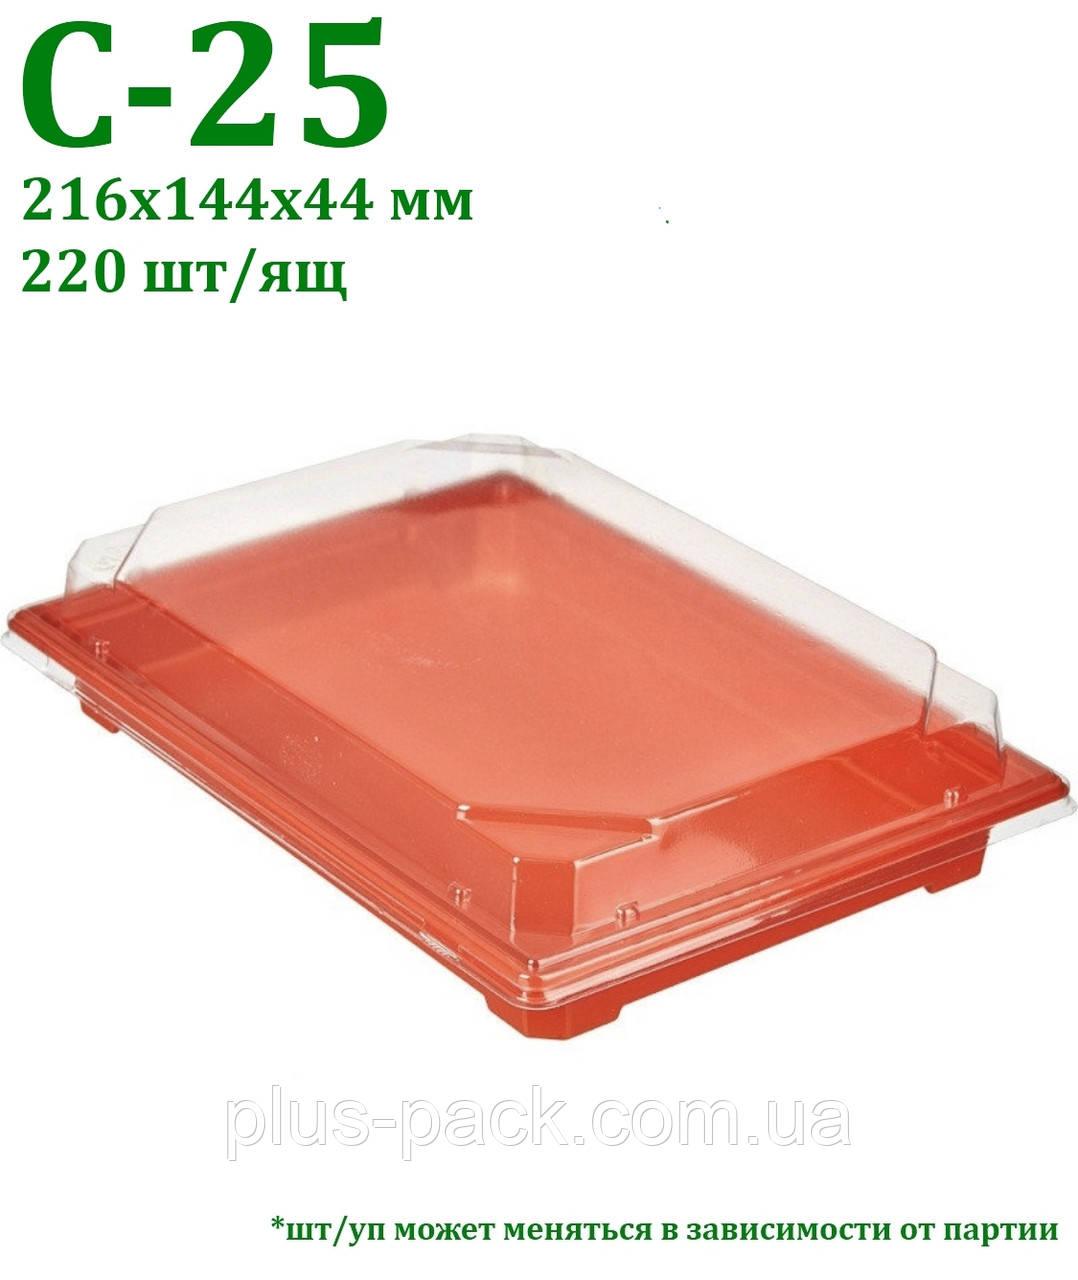 Одноразовая упаковка для суши и роллов С-25